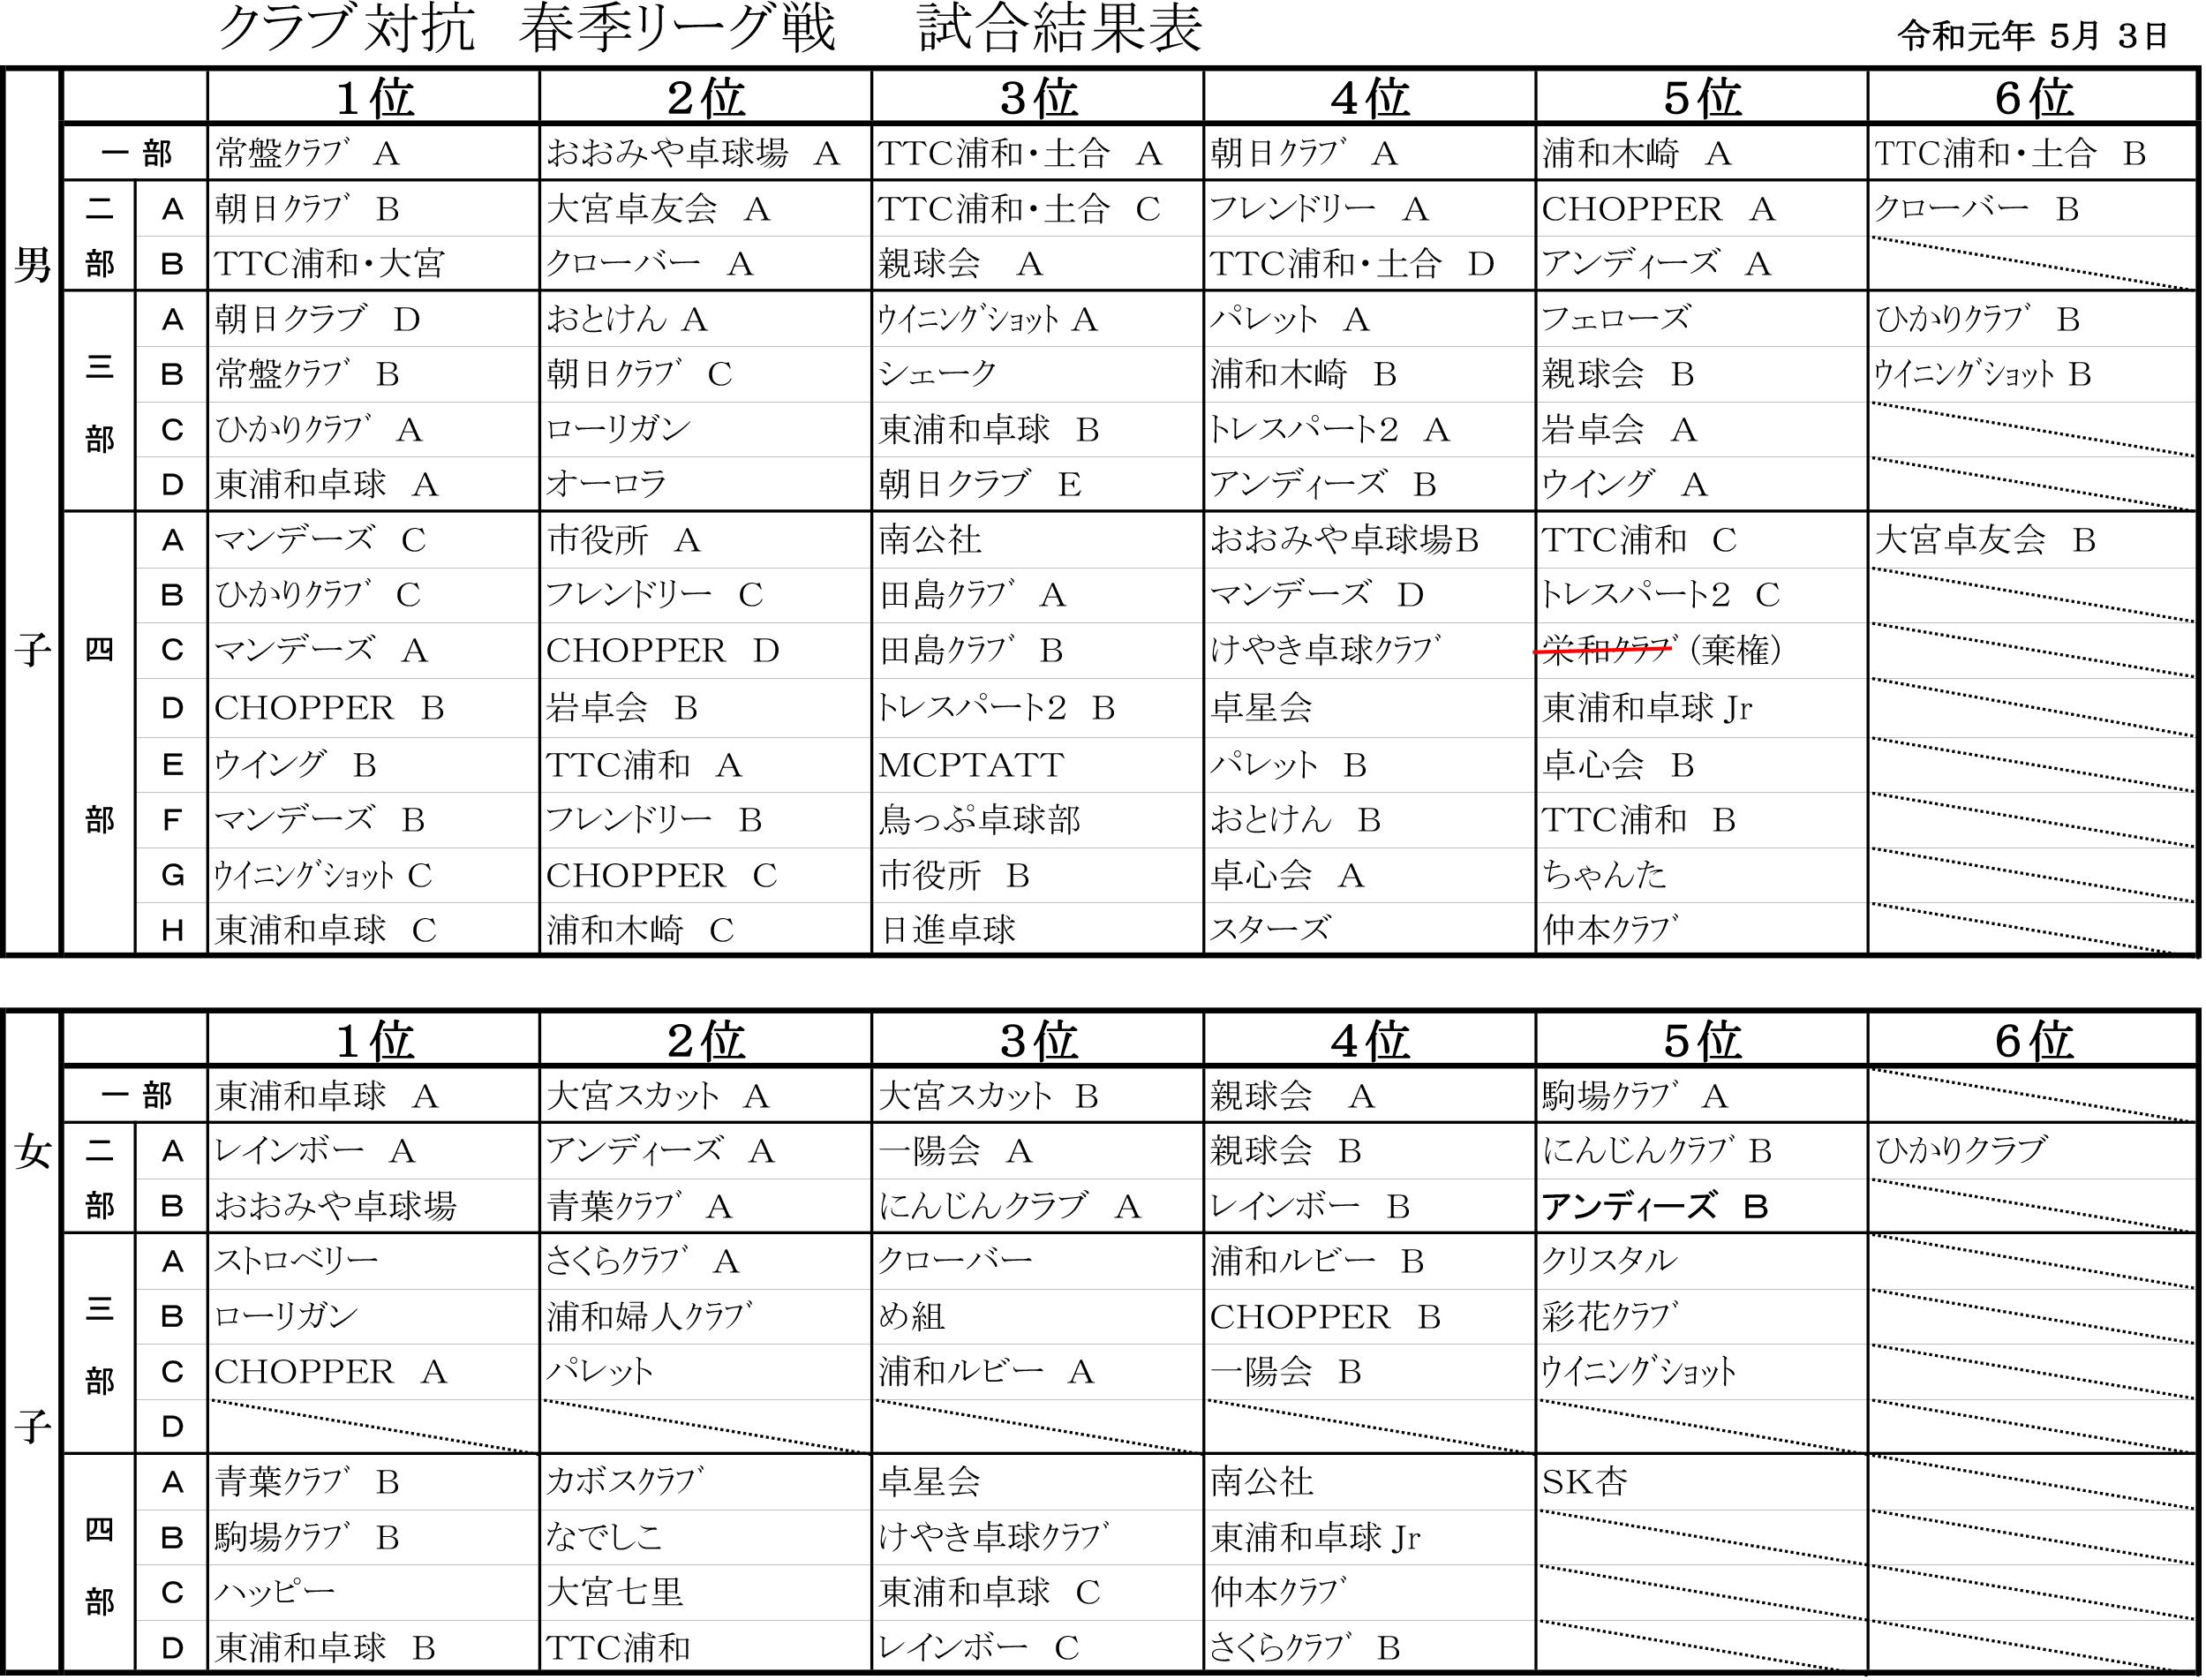 R元春季リーグ-結果表-1